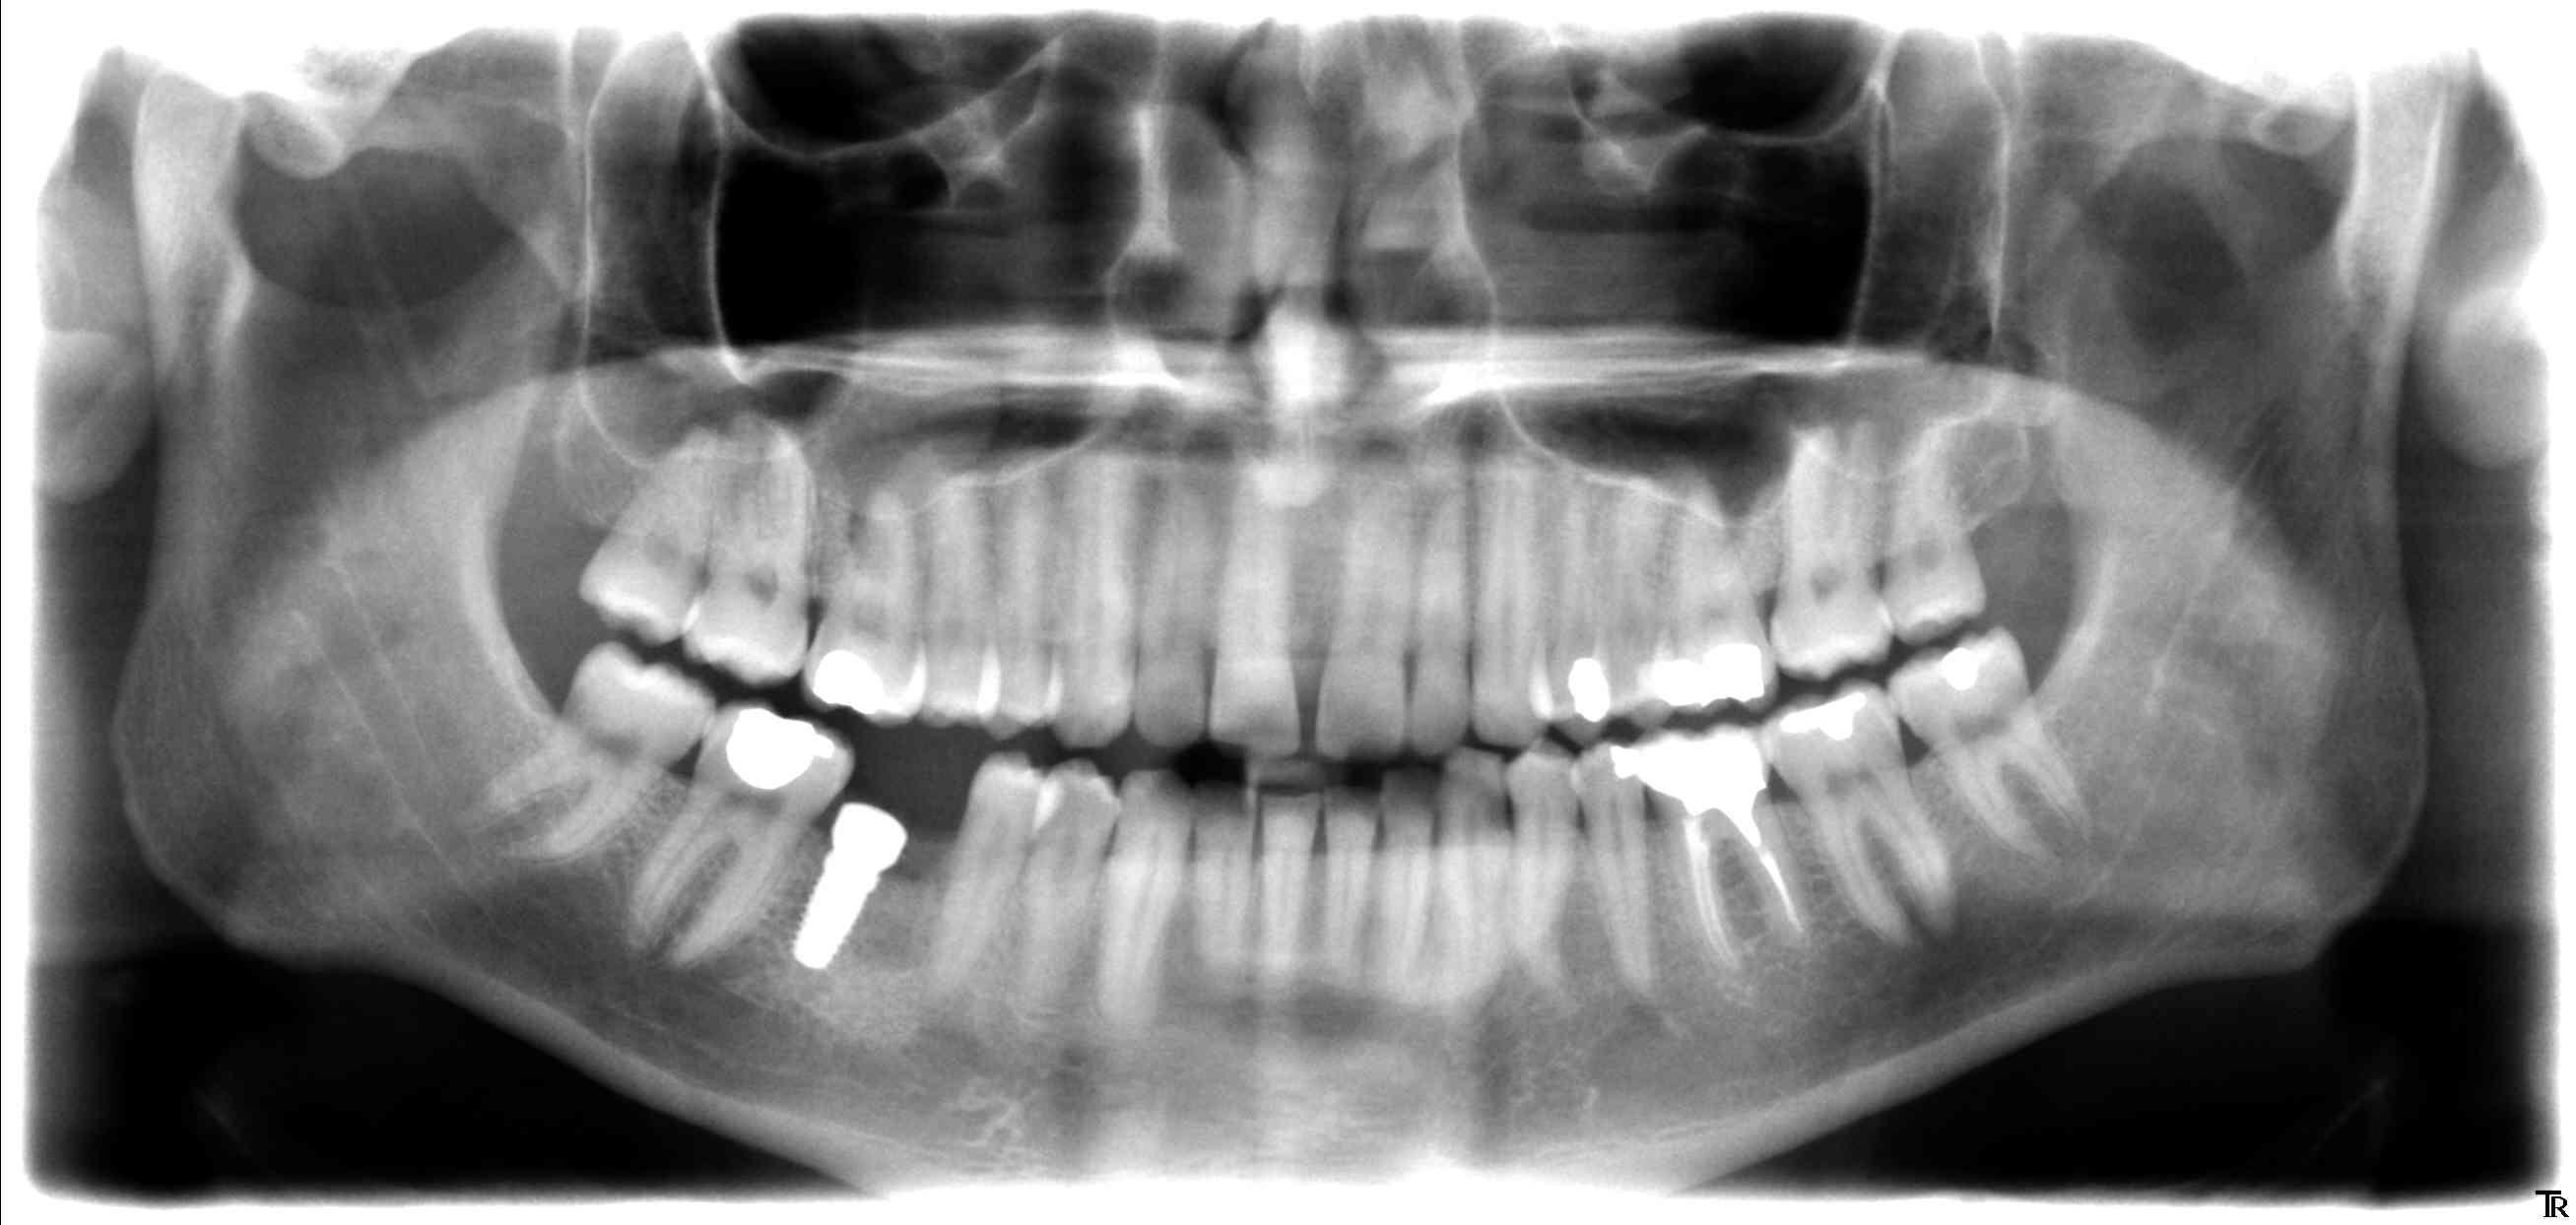 1ère molaire droite